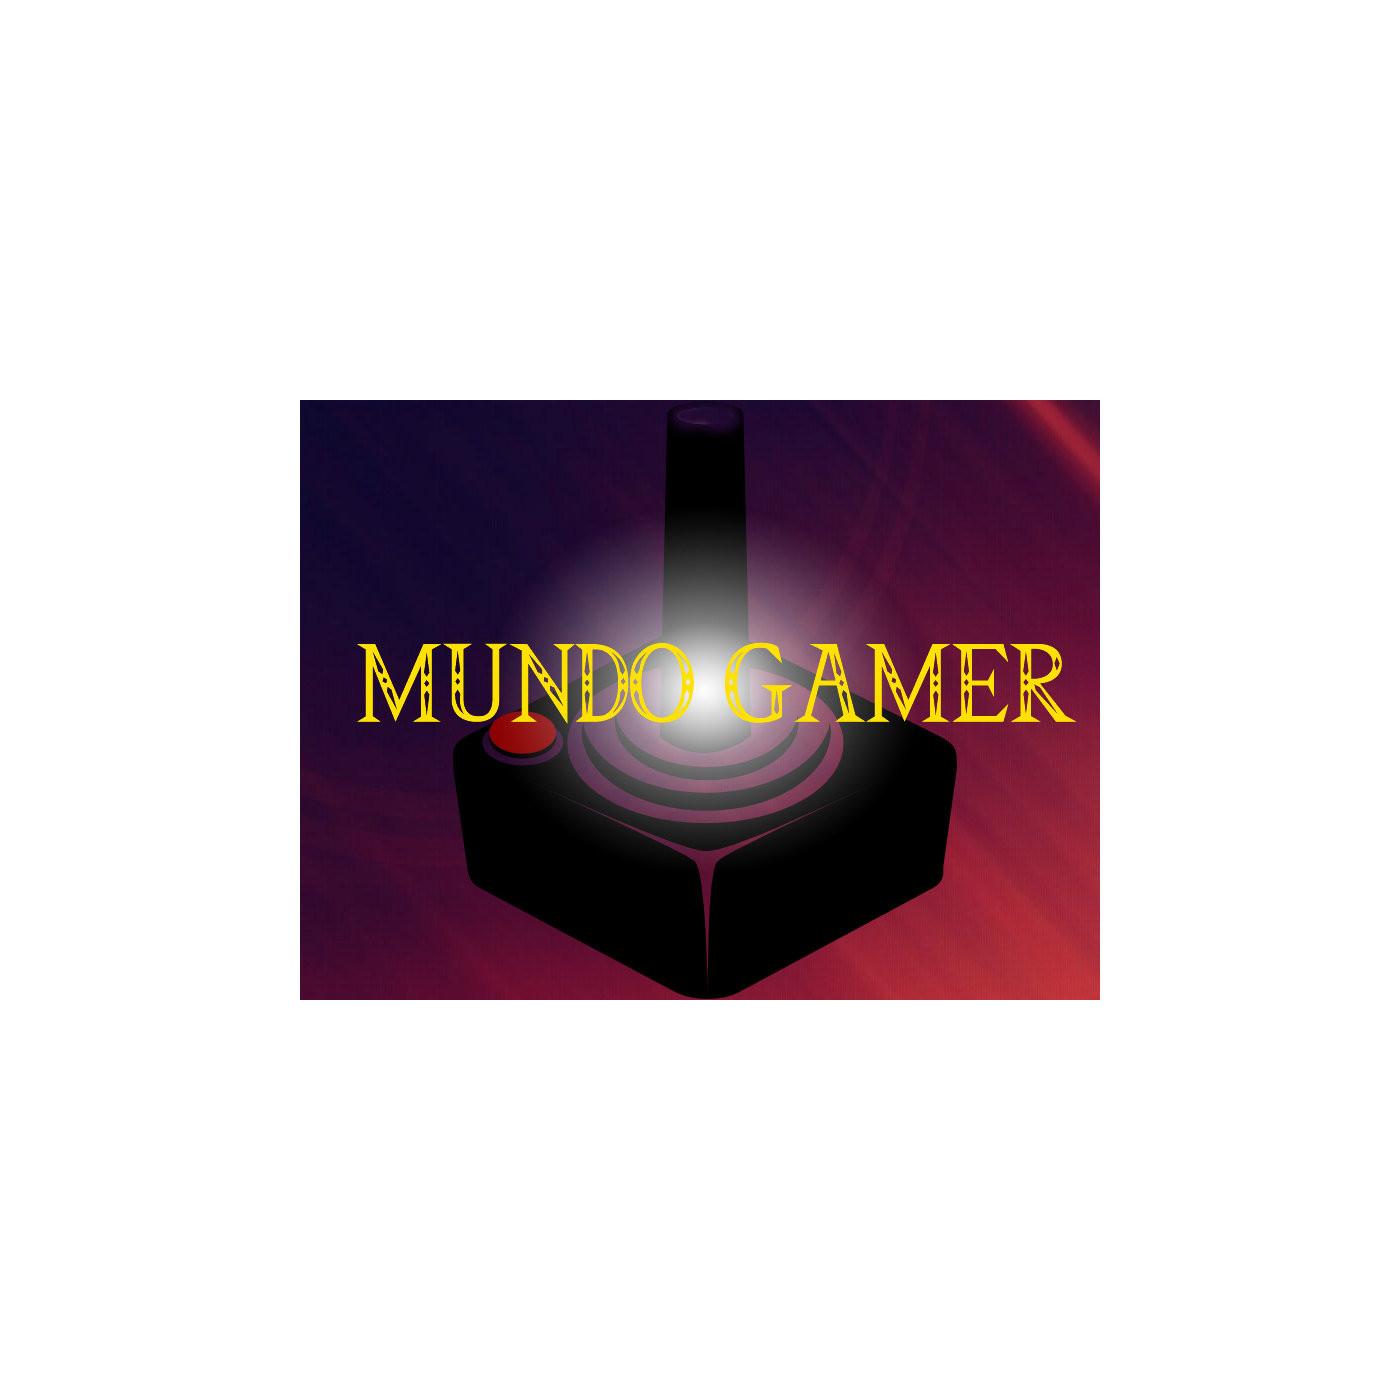 <![CDATA[Mundo Gamer]]>